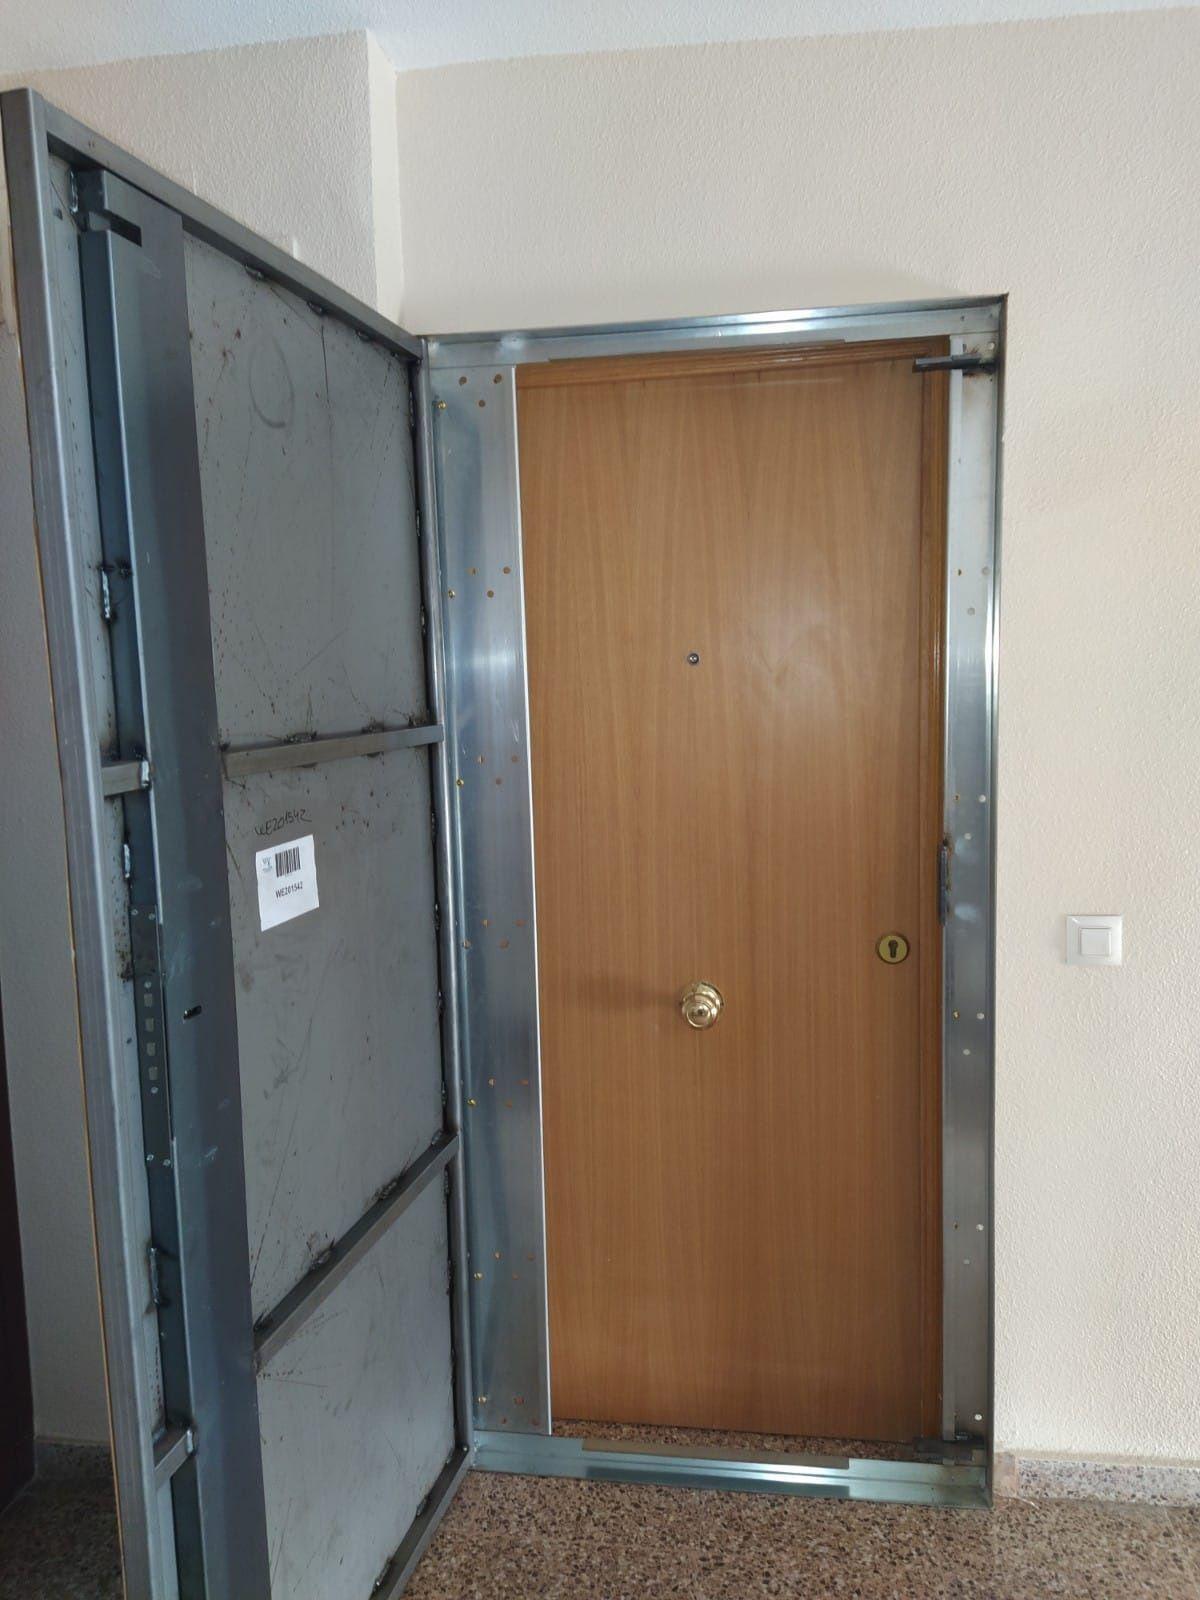 Puertas antiokupas: Servicios de Cerrajero del Barrio